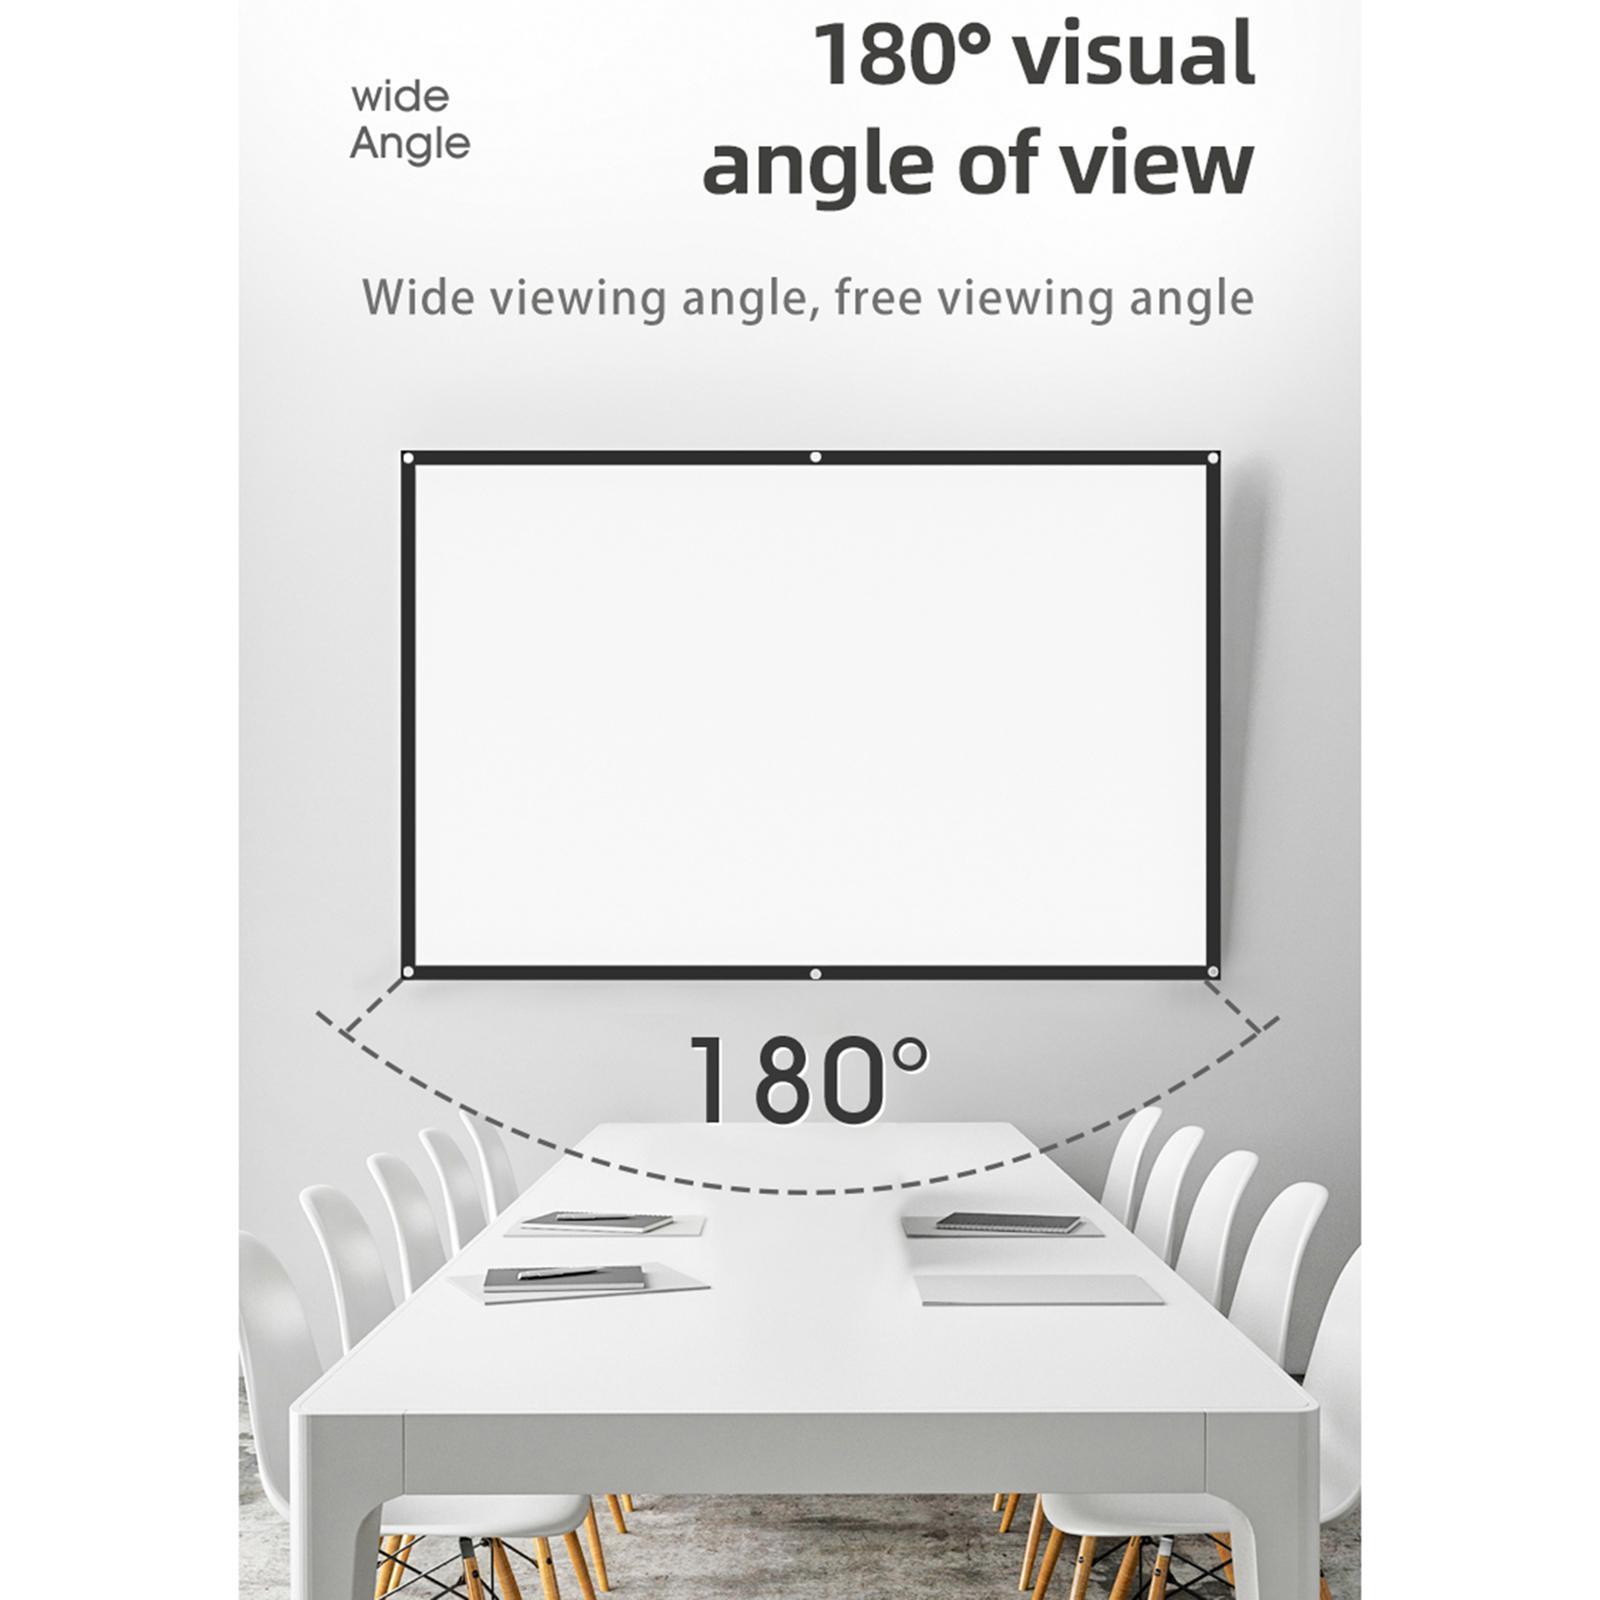 miniatura 10 - Schermo per proiettore portatile HD 16: 9 Proiezione home cinema per esterni